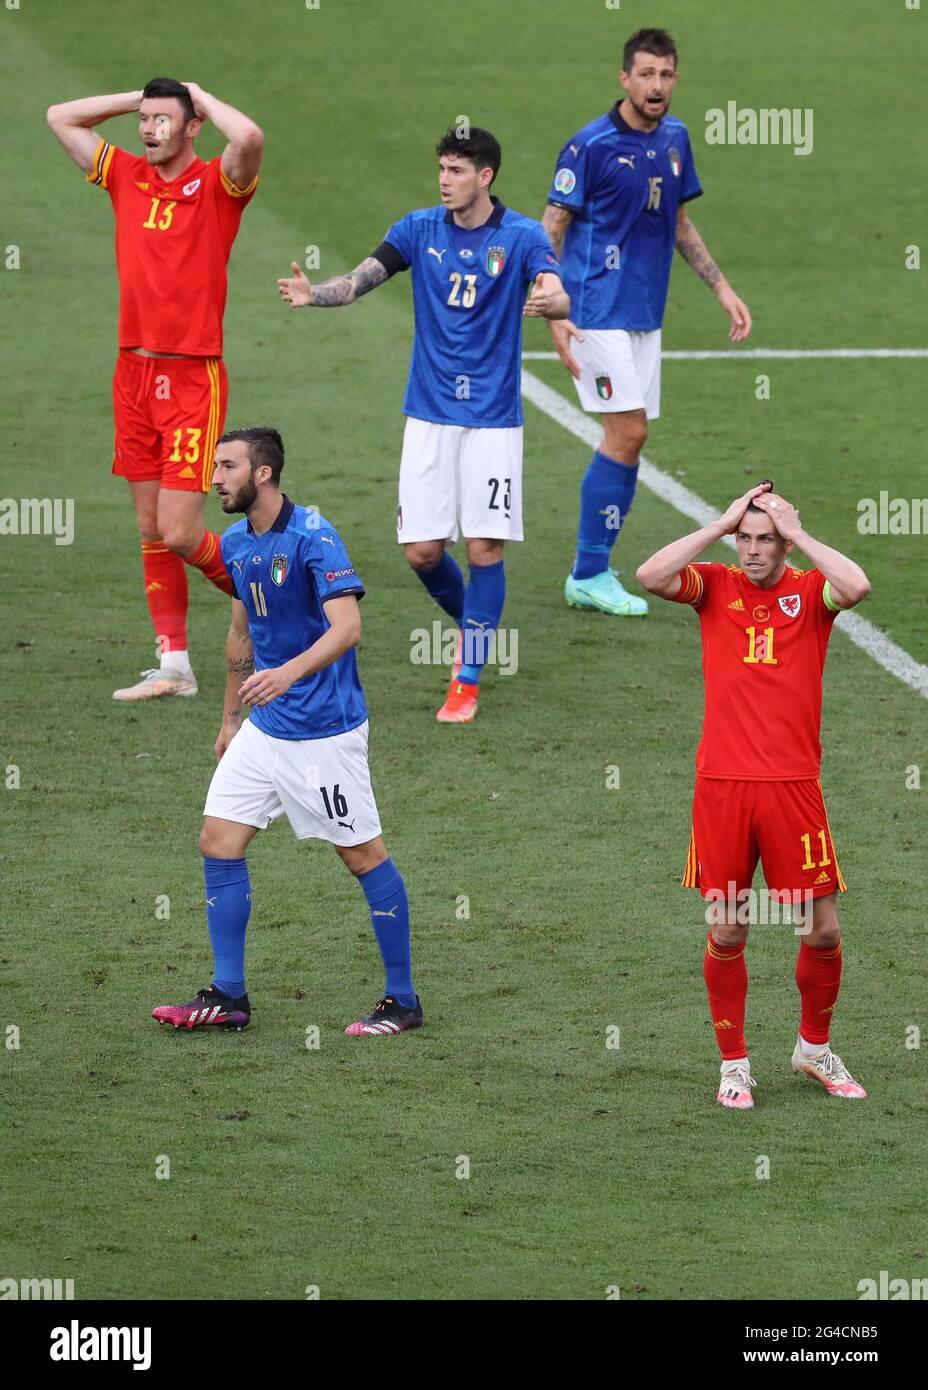 Rom, Italien, 20. Juni 2021. Gareth Bale und Teamkollege Kieffer Moore aus Wales reagieren darauf, nachdem die Nummer elf aus Wales beim UEFA-EM-2020-Spiel im Stadio Olimpico in Rom eine gute Chance verschwendet hatte. Bildnachweis sollte lauten: Jonathan Moscrop / Sportimage Stockfoto